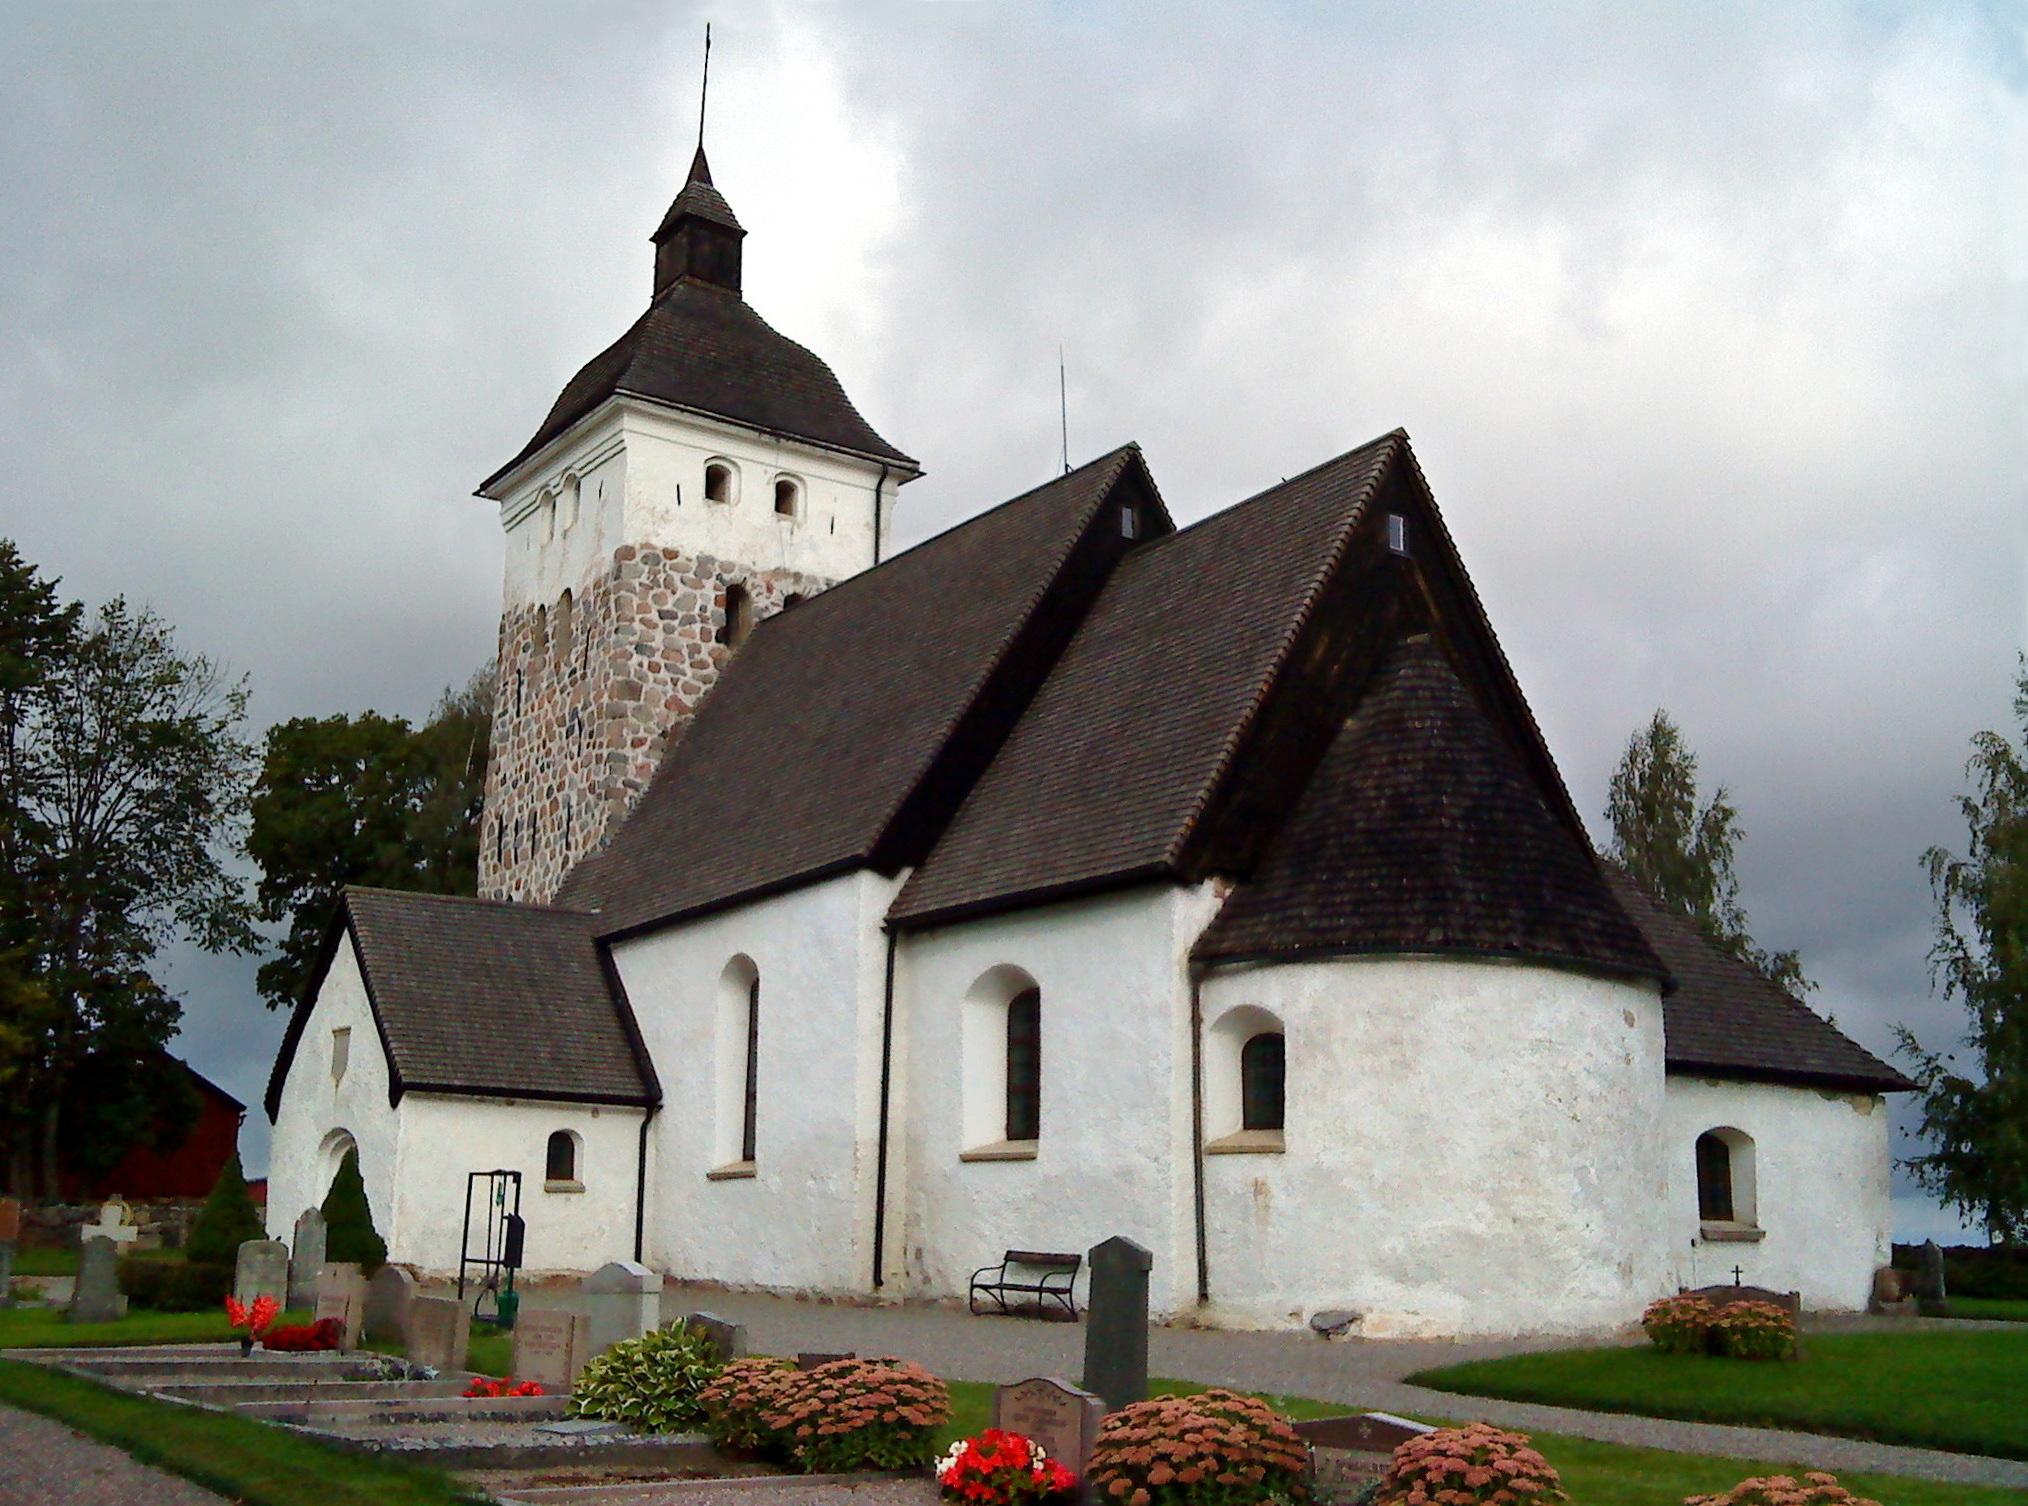 Jumkil Church - Wikipedia